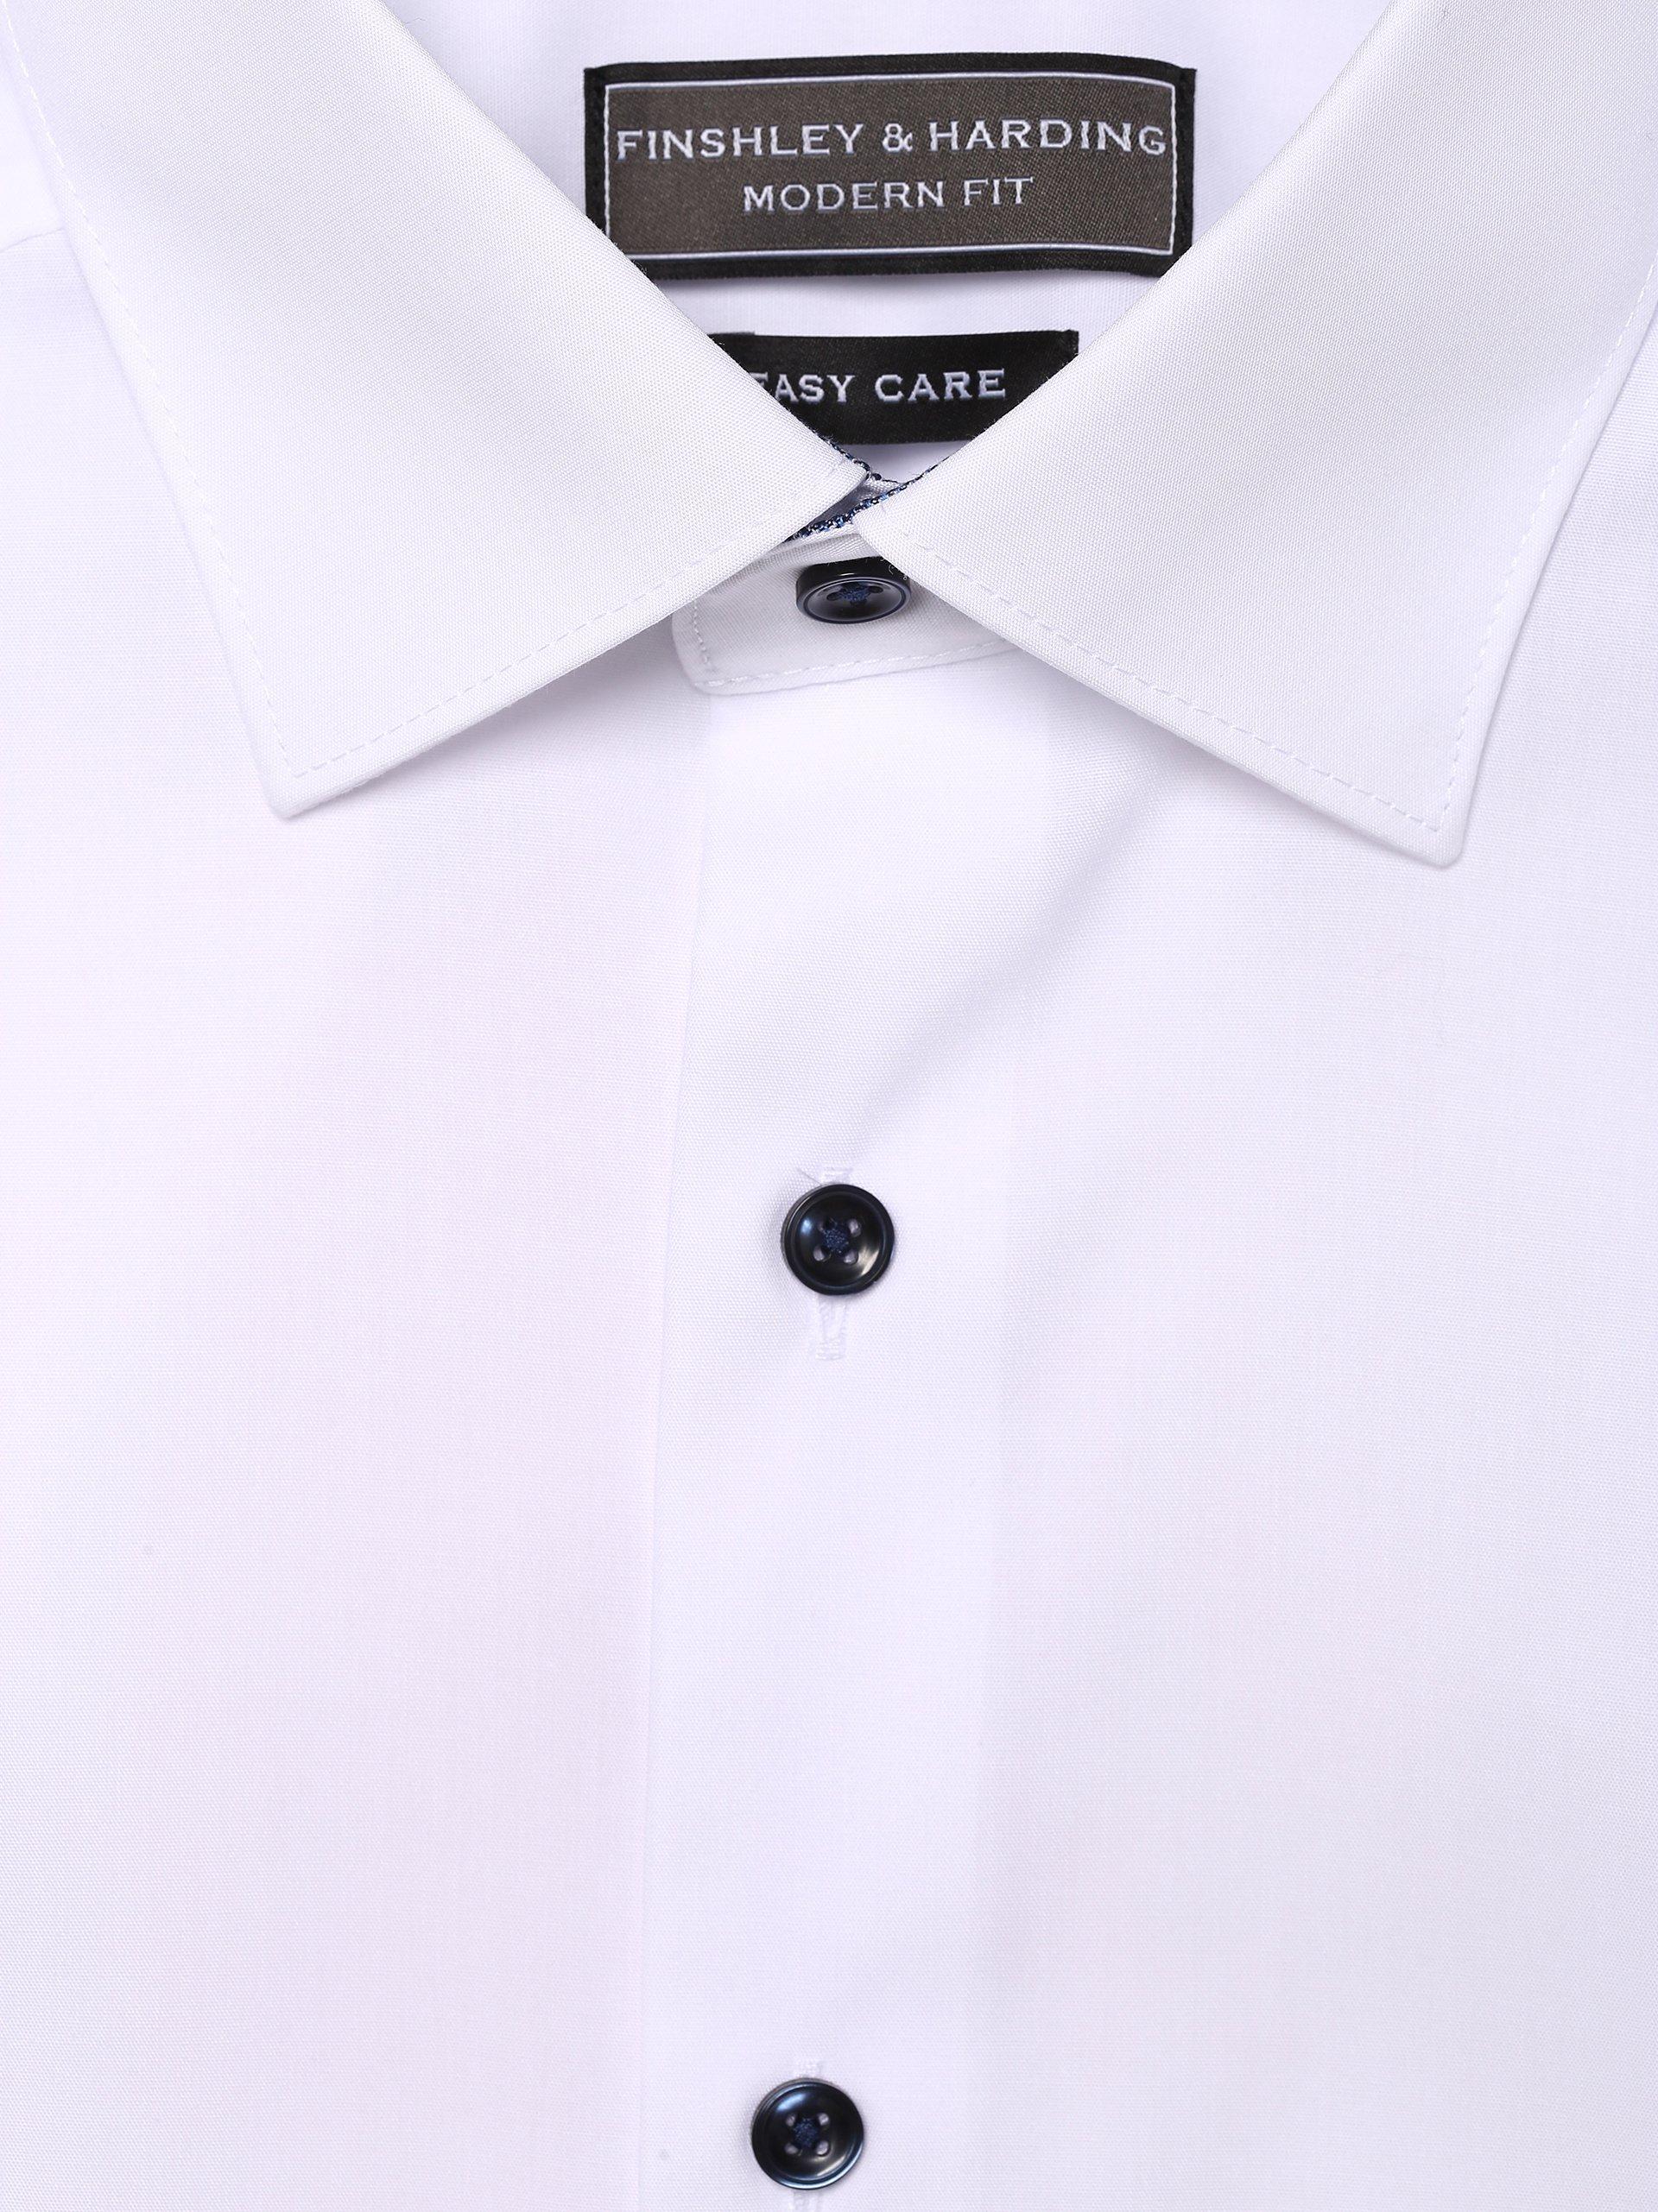 Finshley & Harding Koszula męska łatwa w prasowaniu – bardzo krótkie rękawy